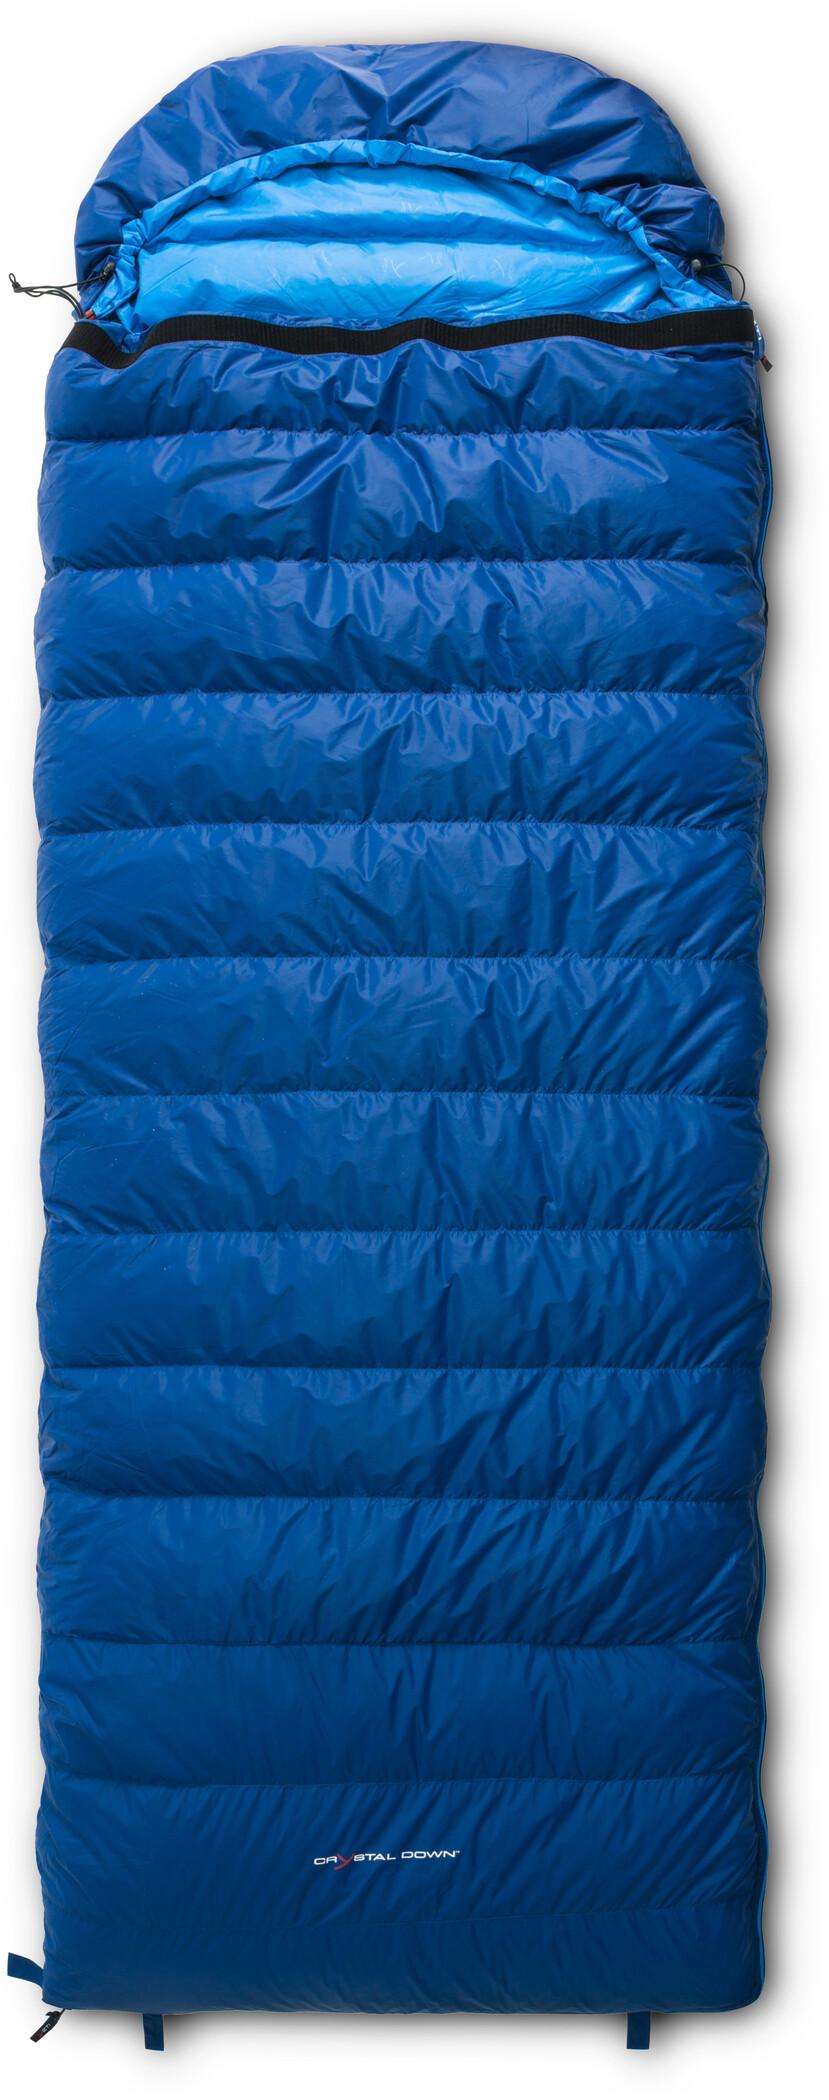 Slider Set Elbow Rs-1000 1 Blue 00